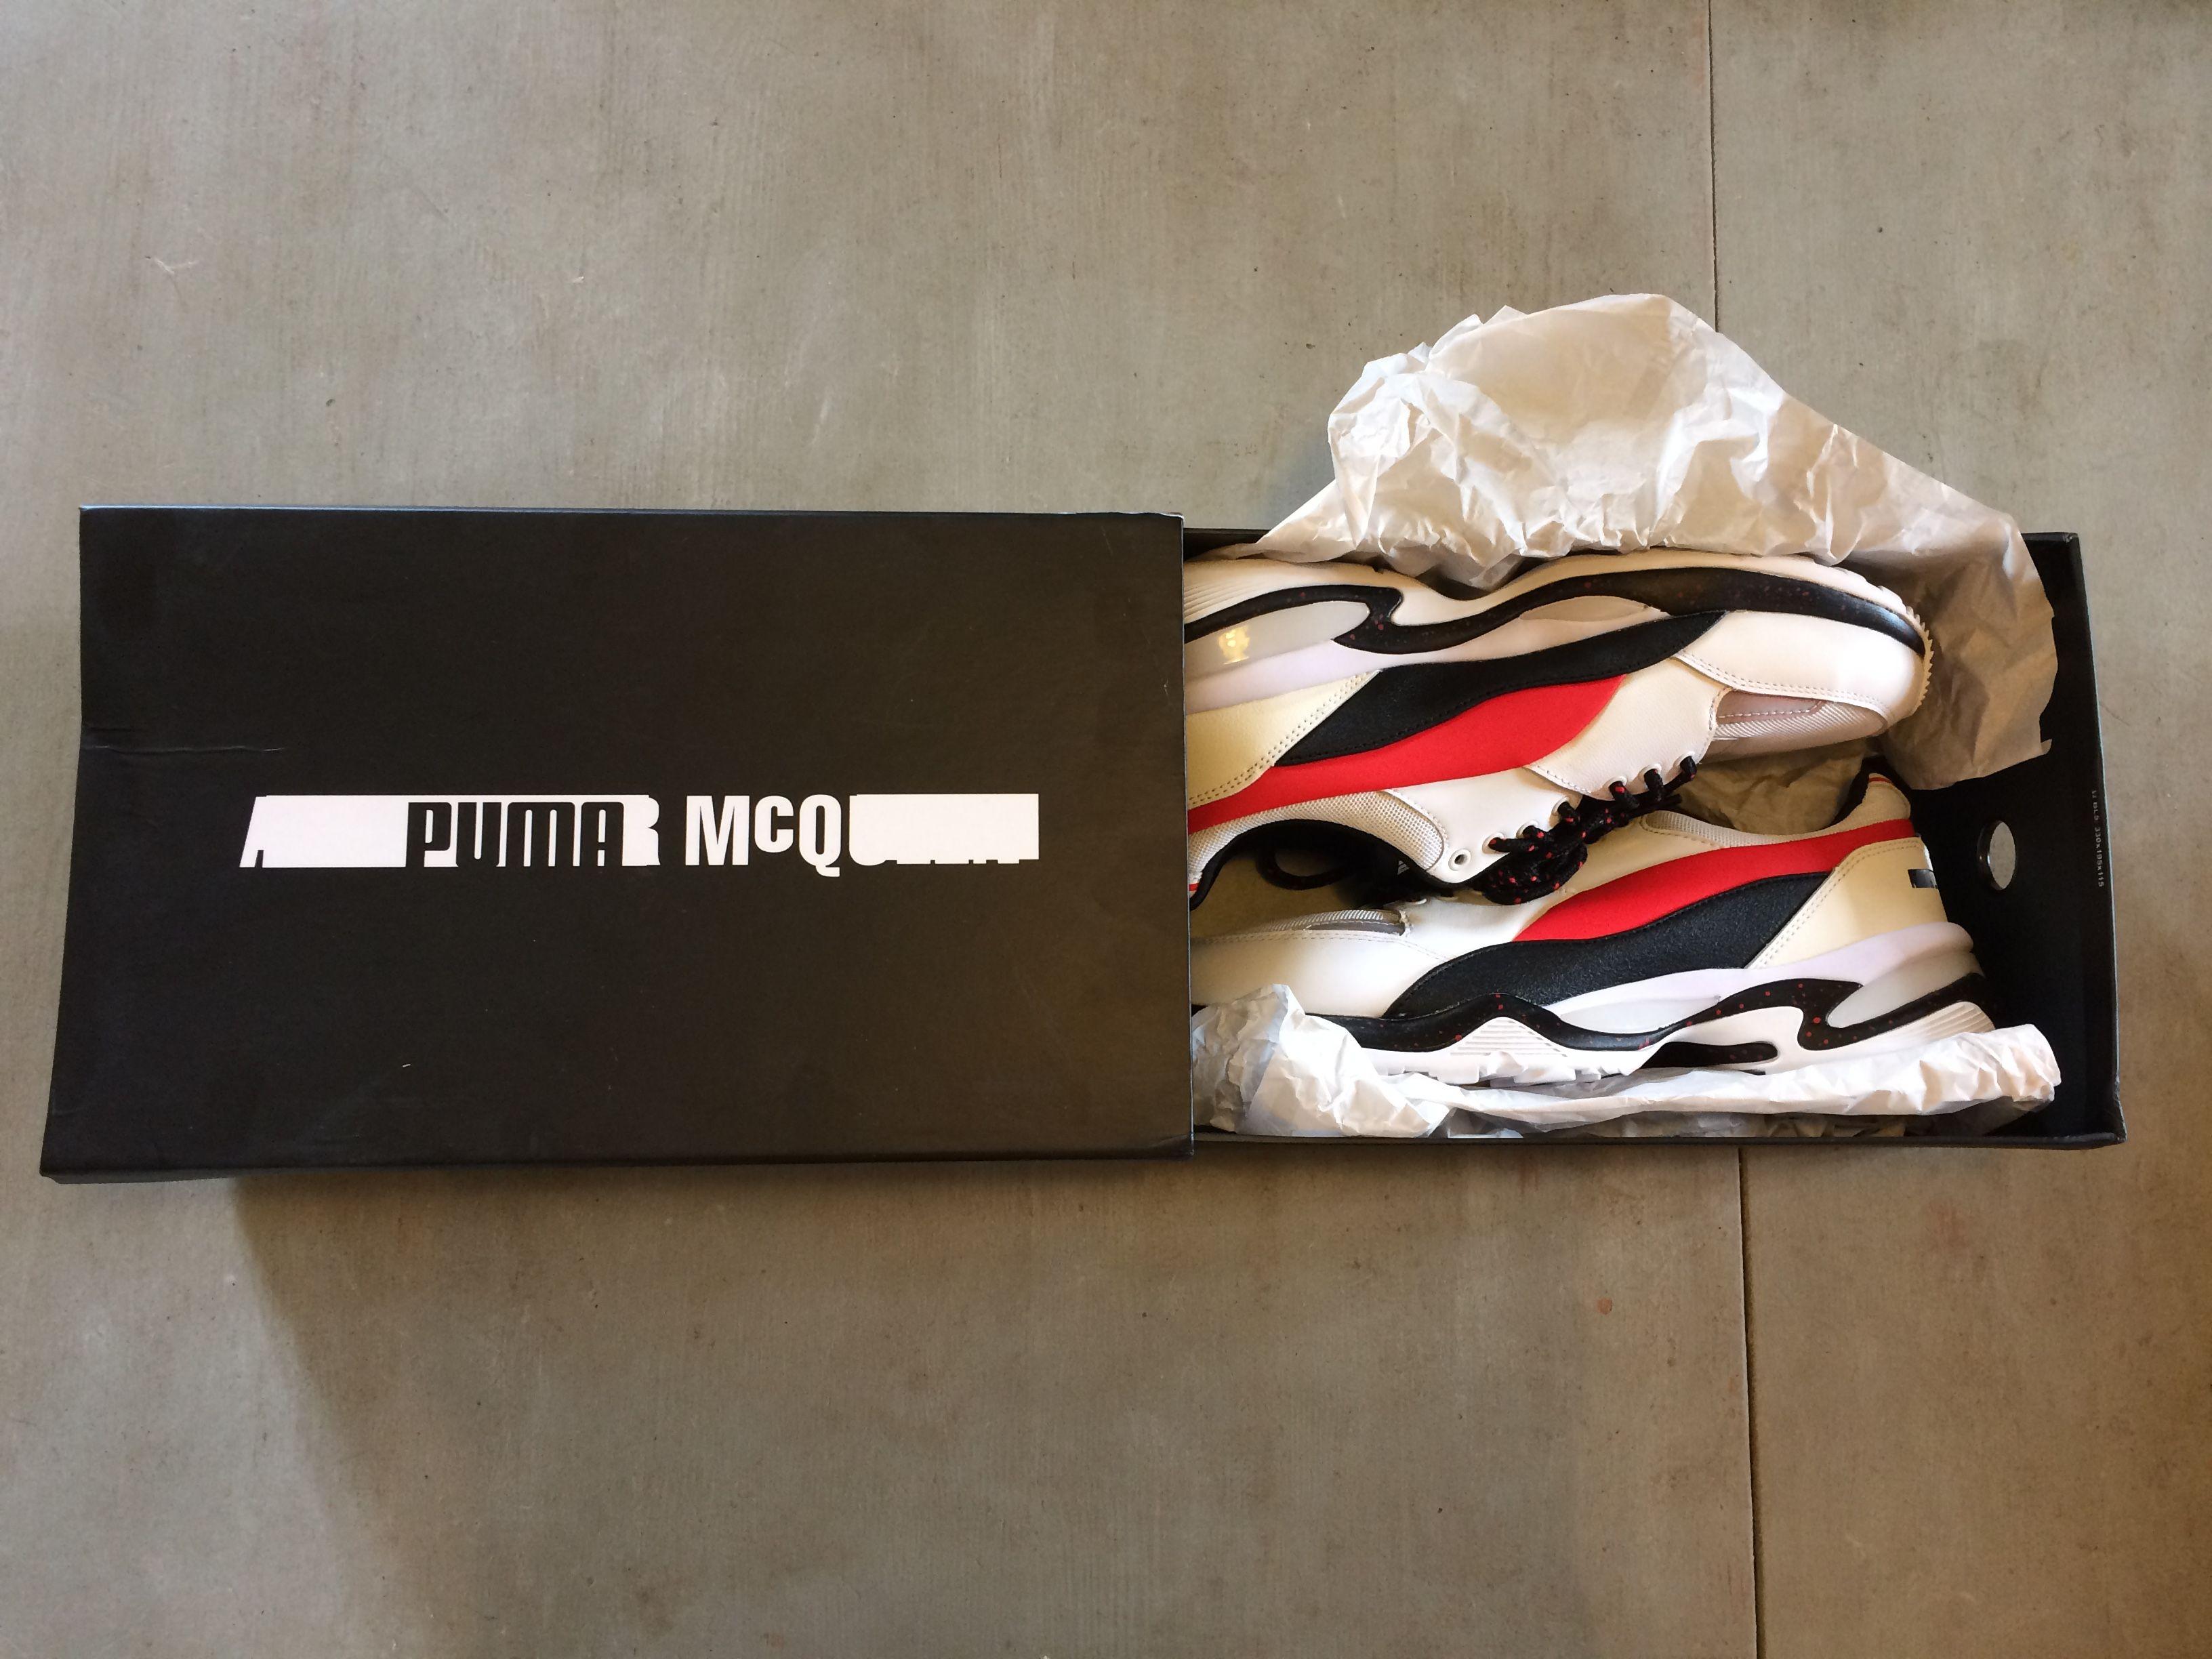 01c24e34846  Review  Alexander McQueen By Puma MCQ Tech Runner LO http   ift